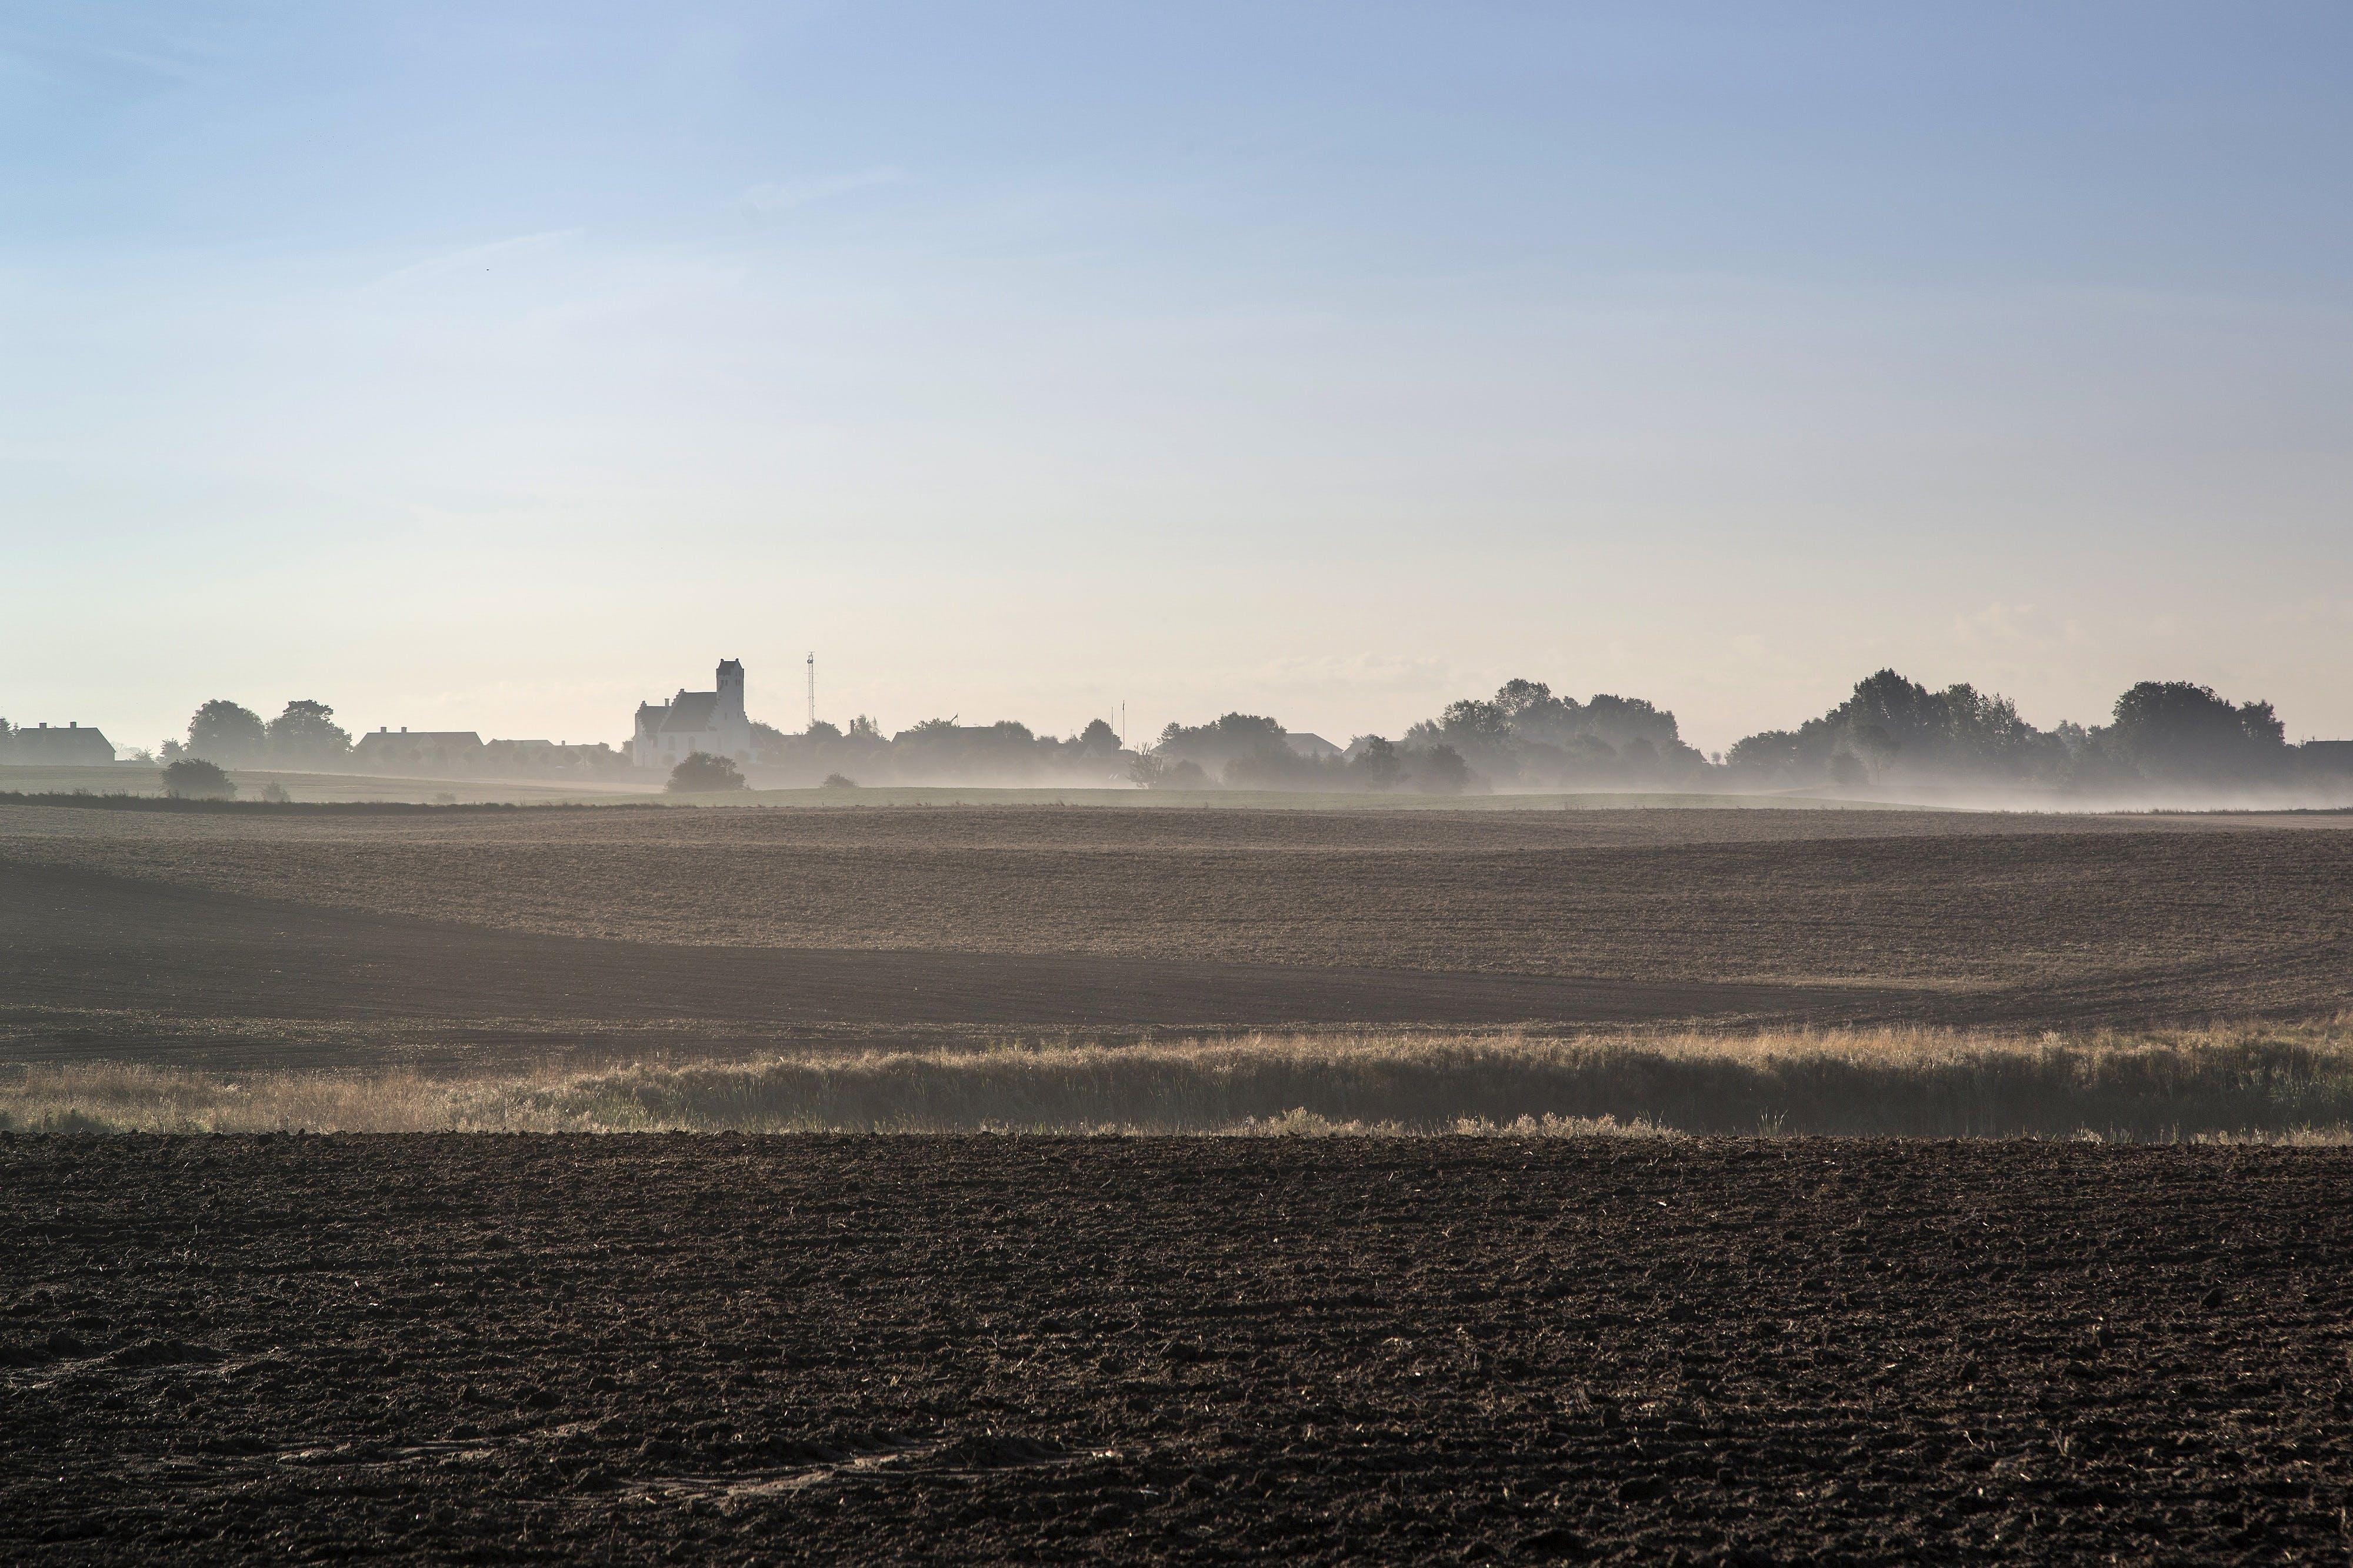 Det er omring 15.000 hektar tørvemarker, som skal forvandles tilbage til oprindelig natur. Det vil årligt reducere 270.000 tons CO2. Foto: CCBY: News Oresund